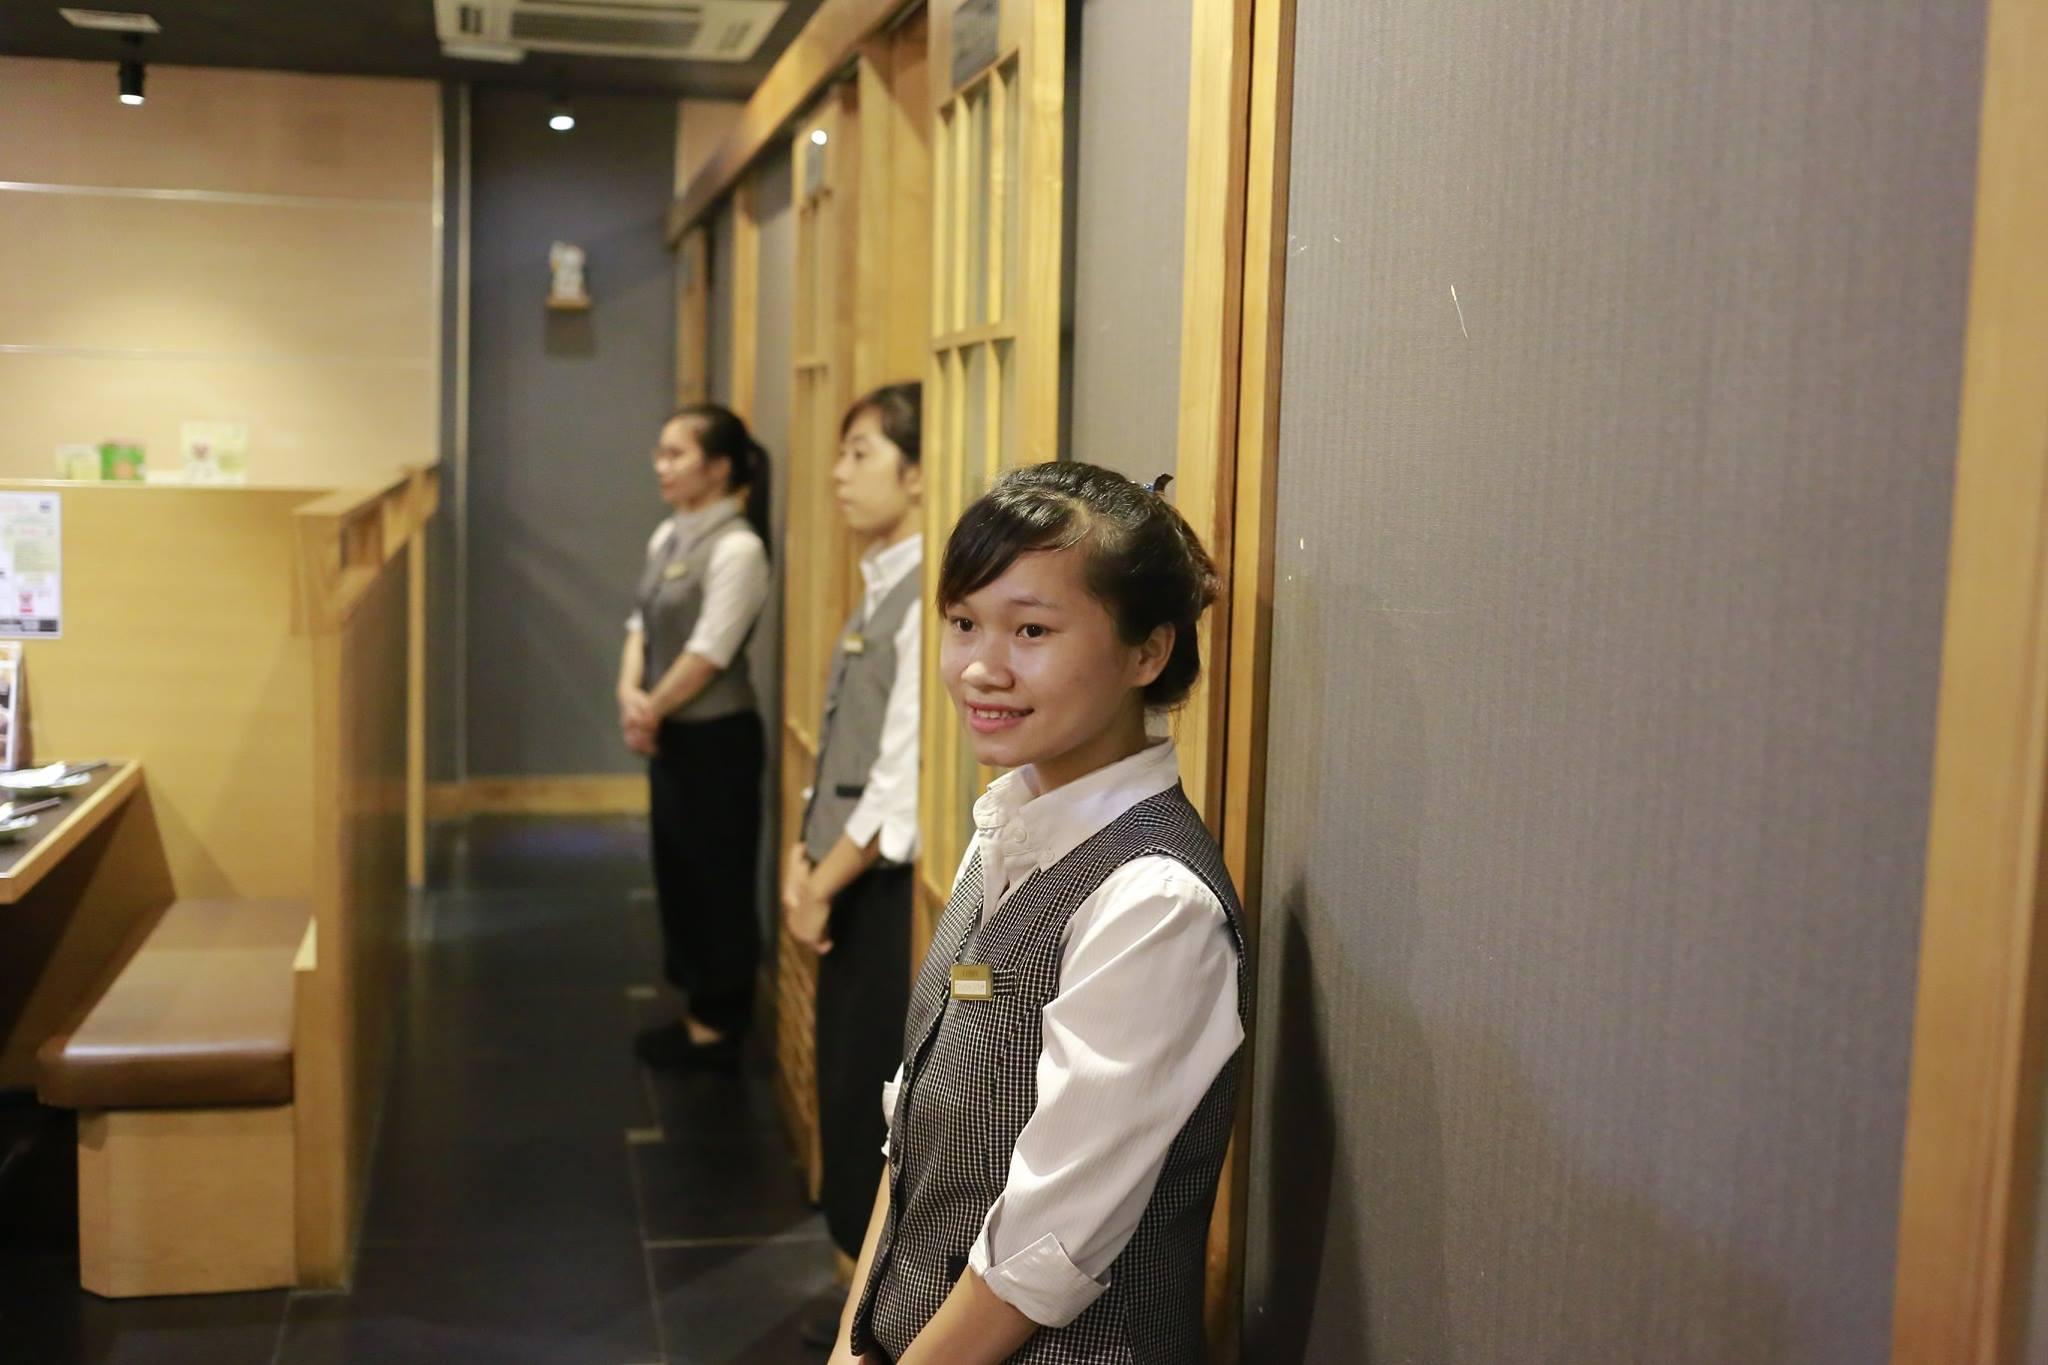 Đồng phục của nhân viên phục vụ tại nhà hàng Chibo